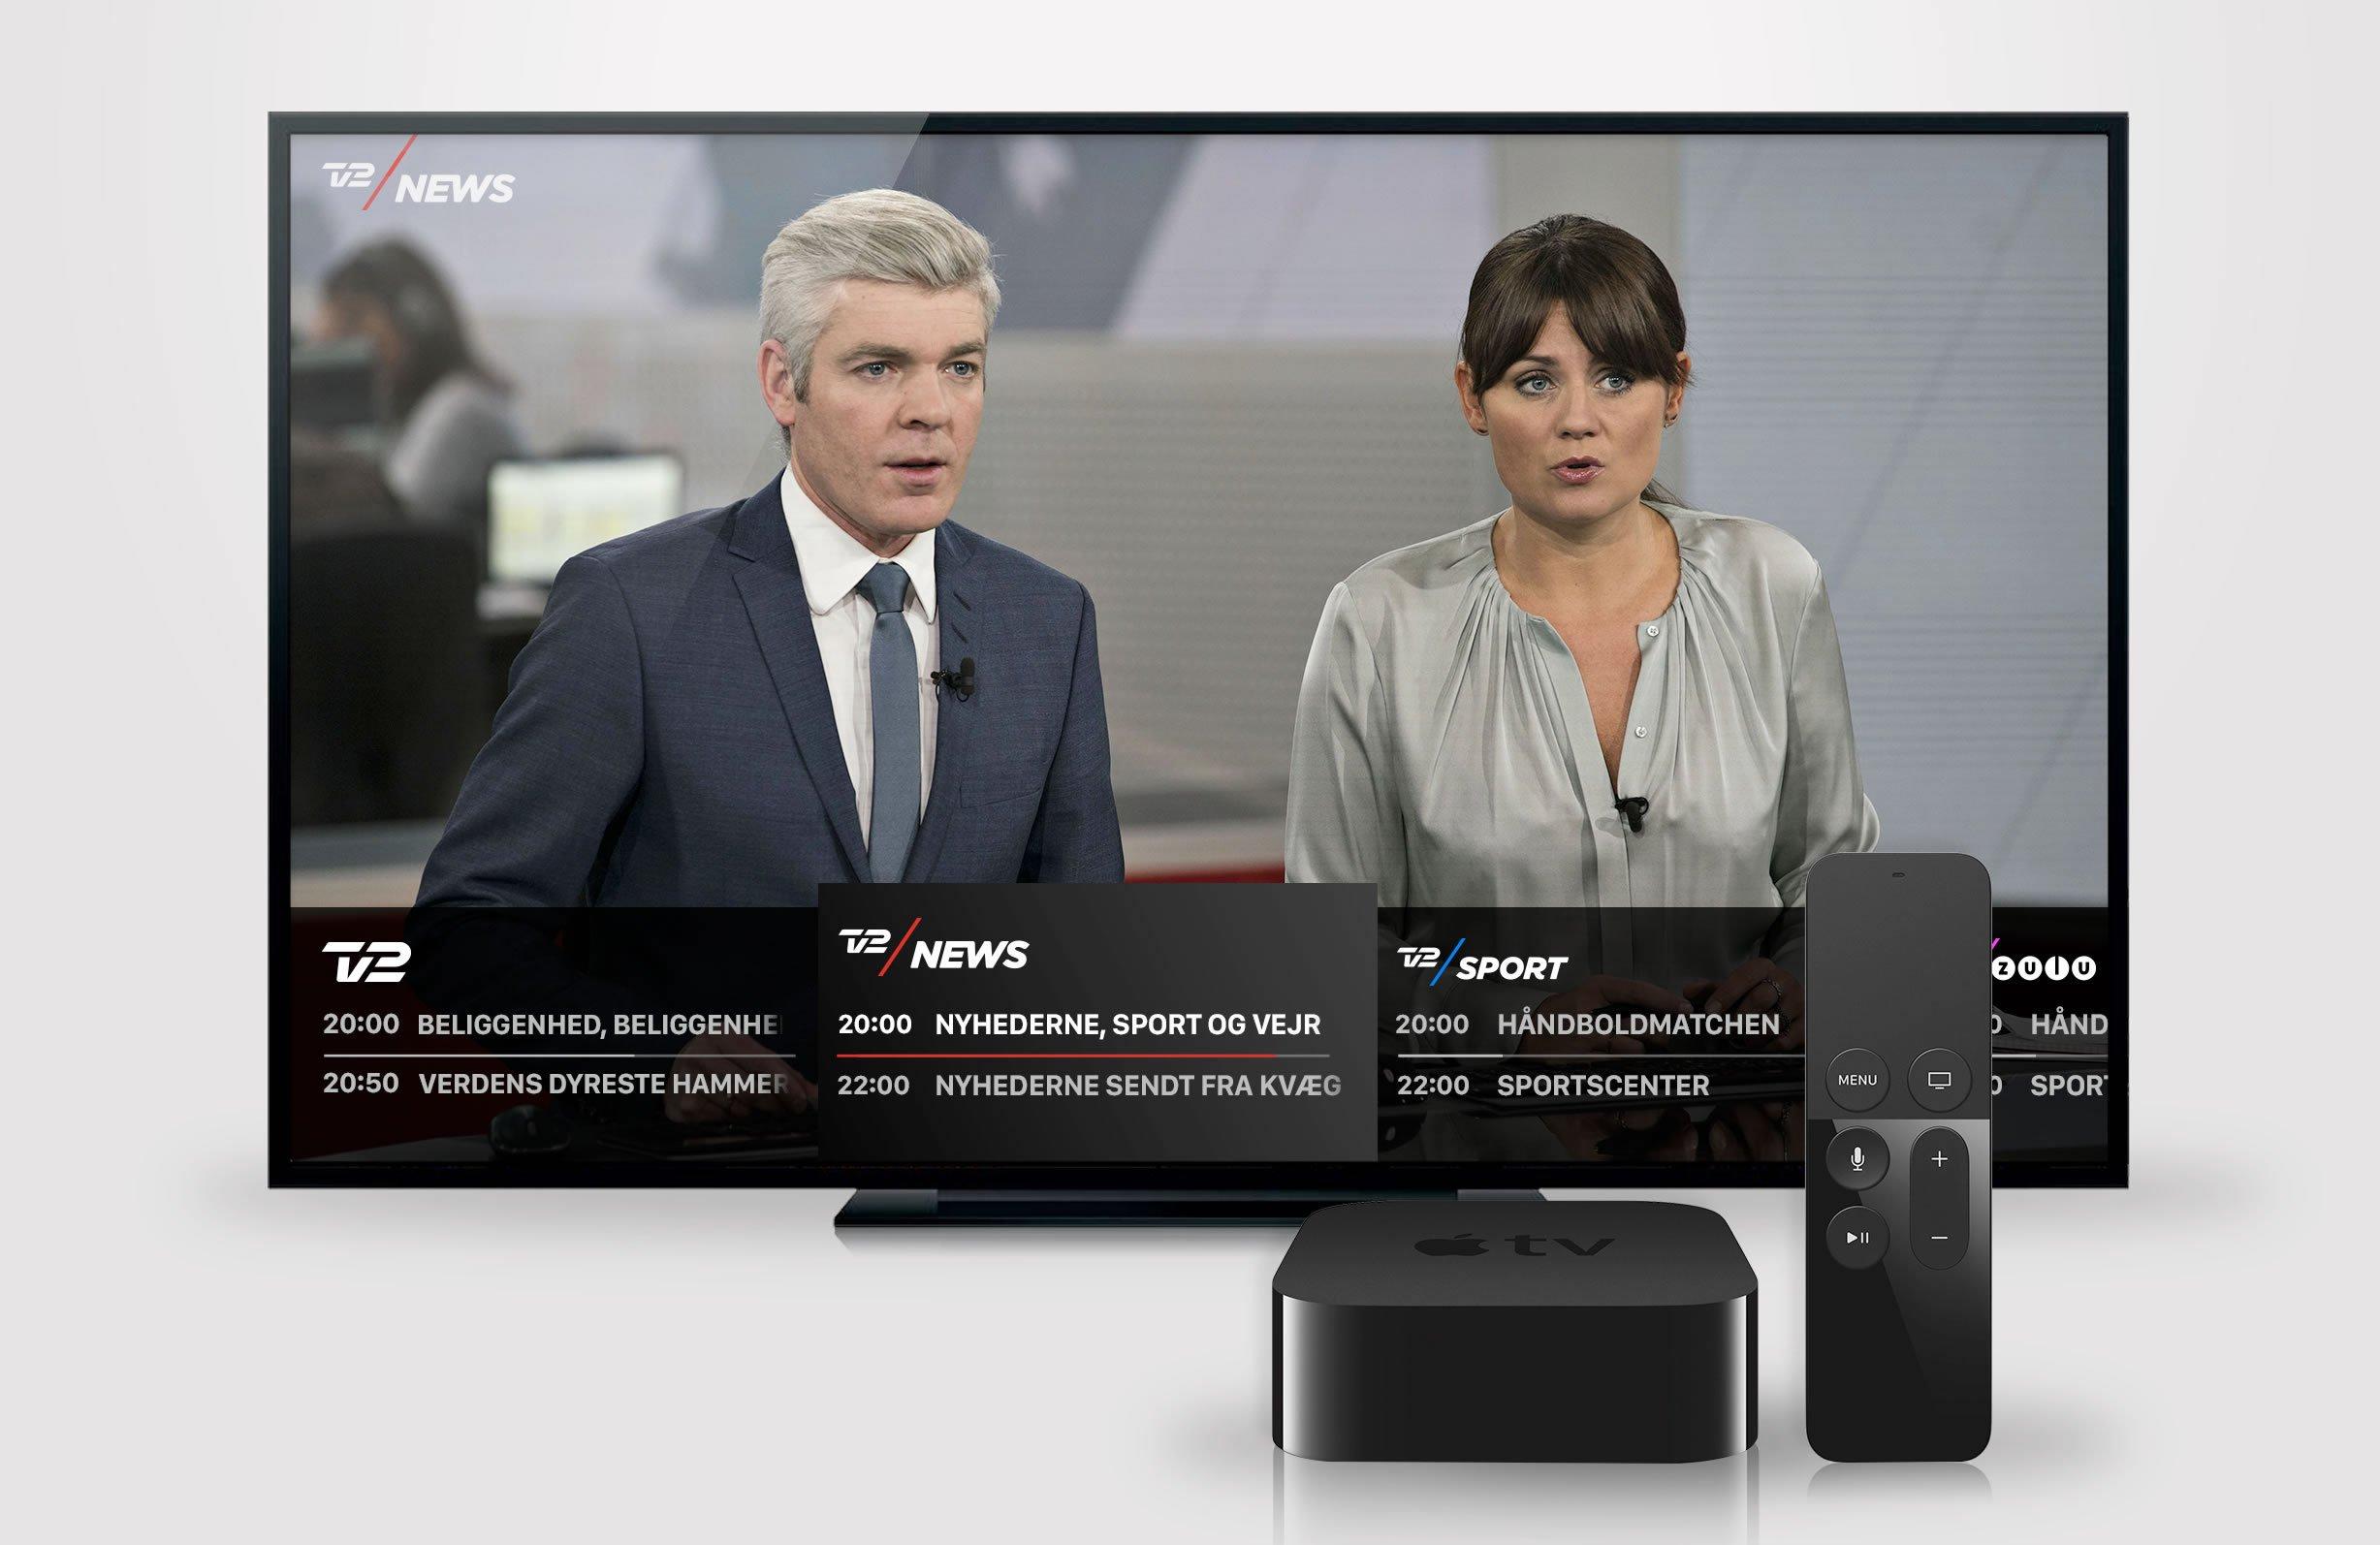 TV 2 PLAY paa Apple TV